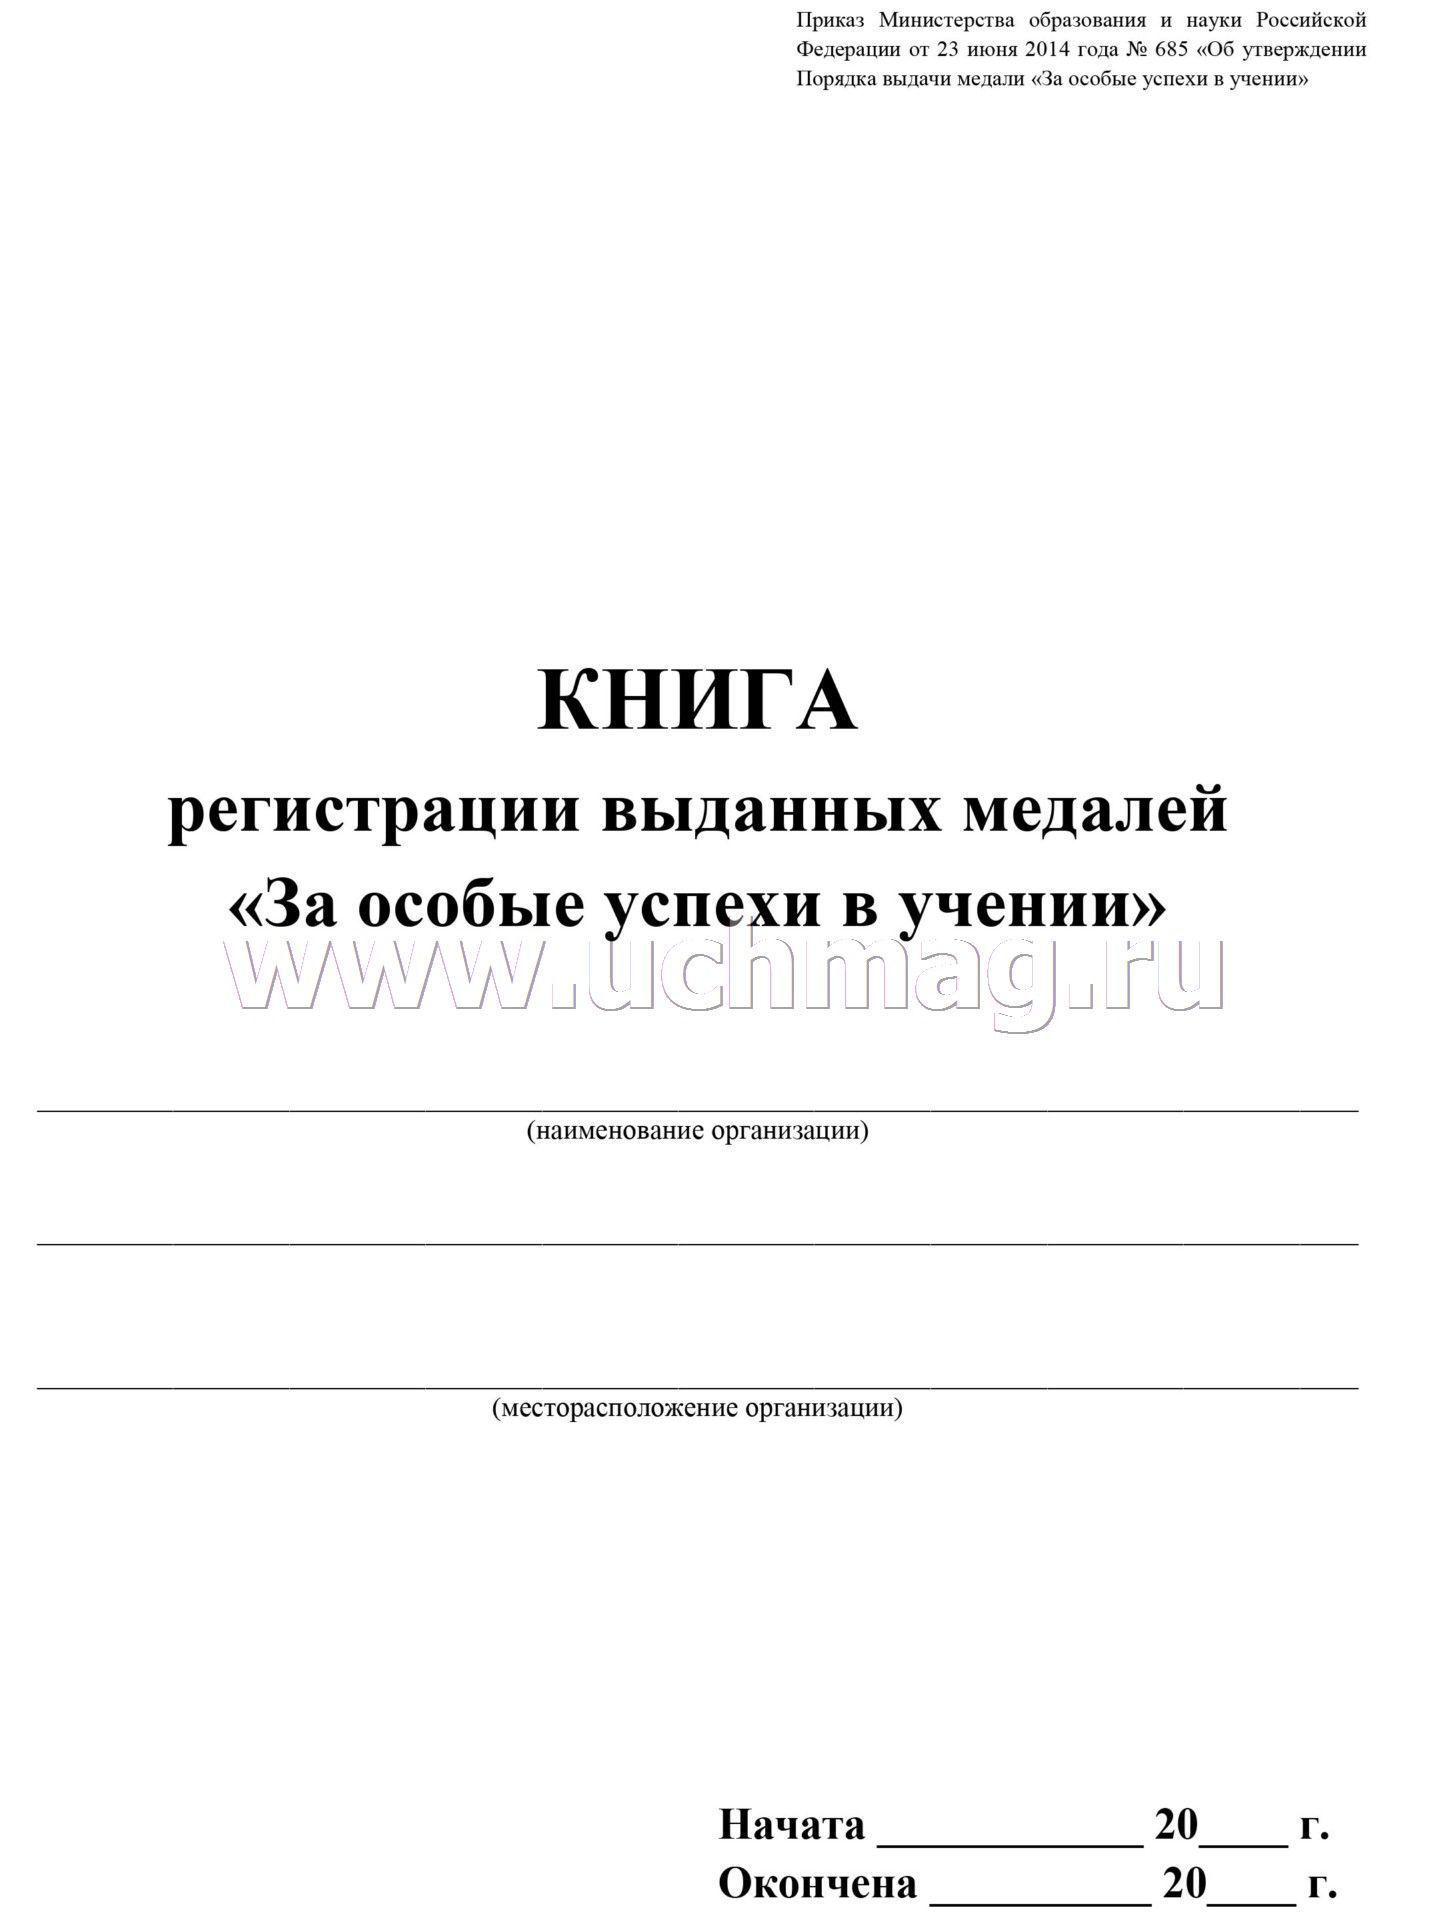 Дисциплинарная и материальная ответственность по административному праву